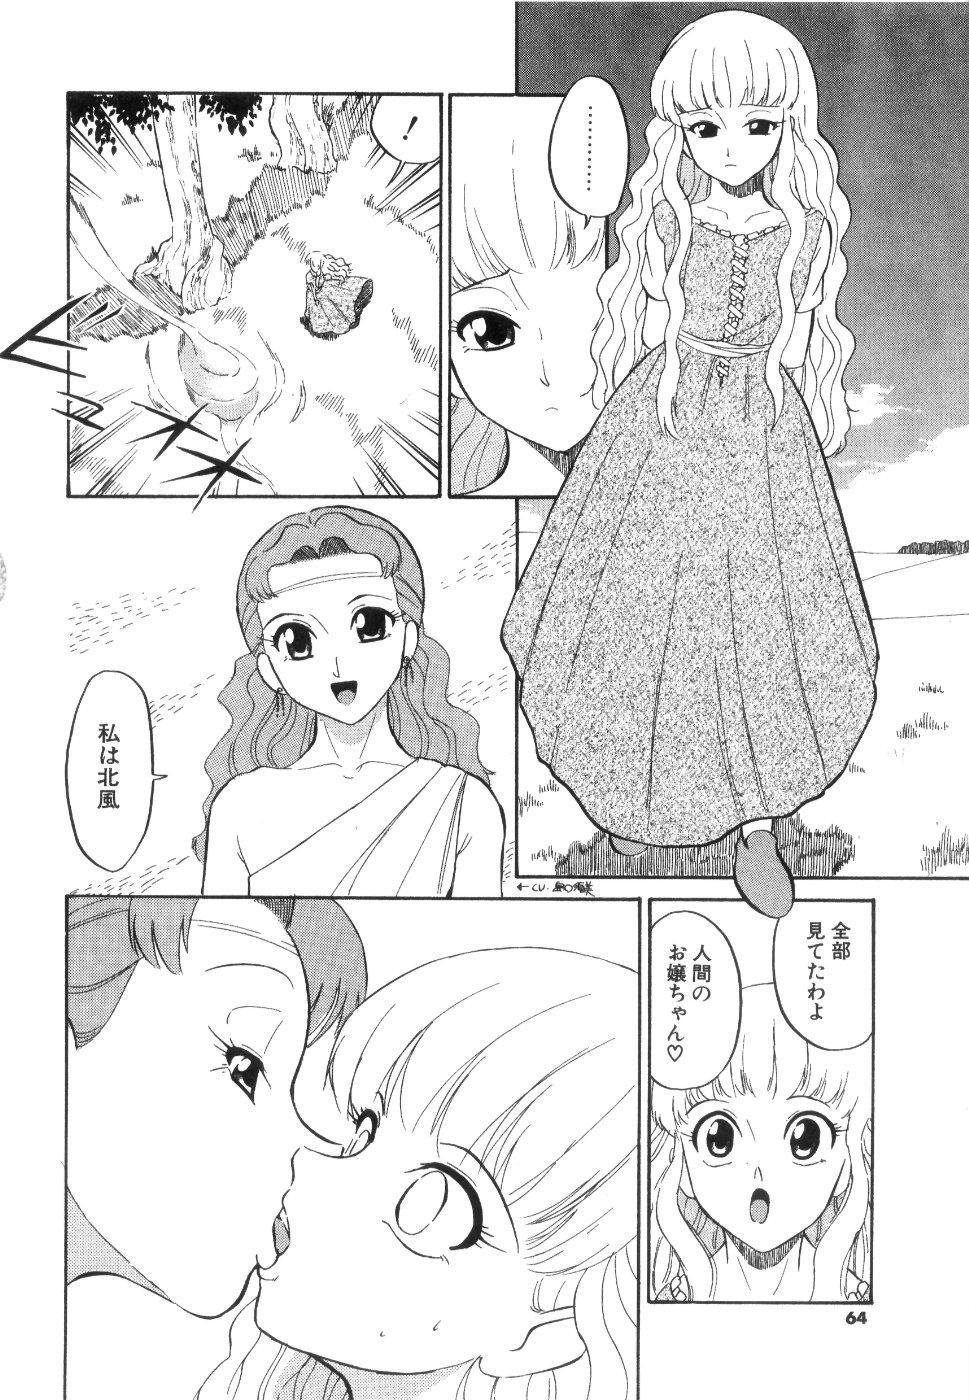 [Dozamura] Doguu -Dozamura Guuwa- Kuro 64